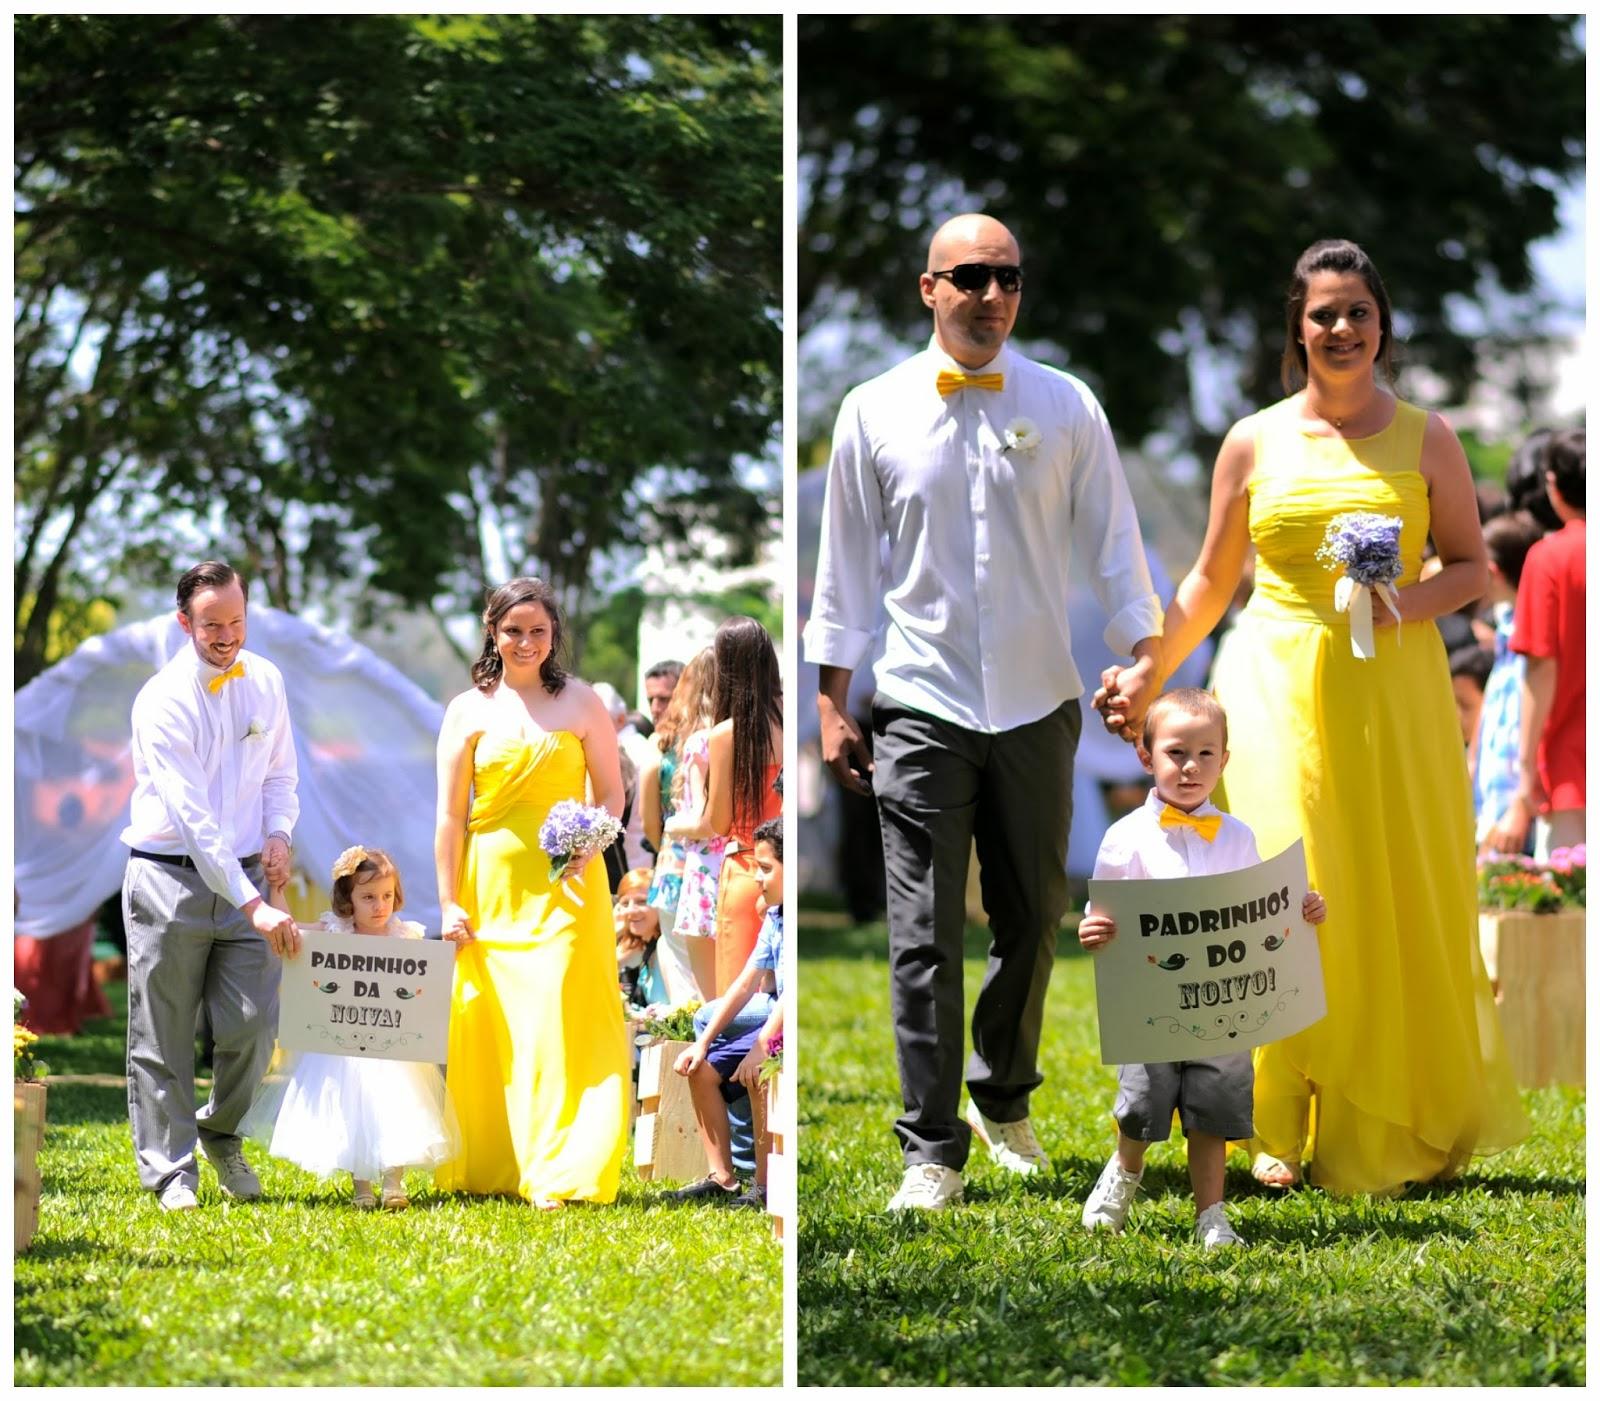 cerimonia-entrada-padrinhos-plaquinhas-casamento-dia-azul-amarelo